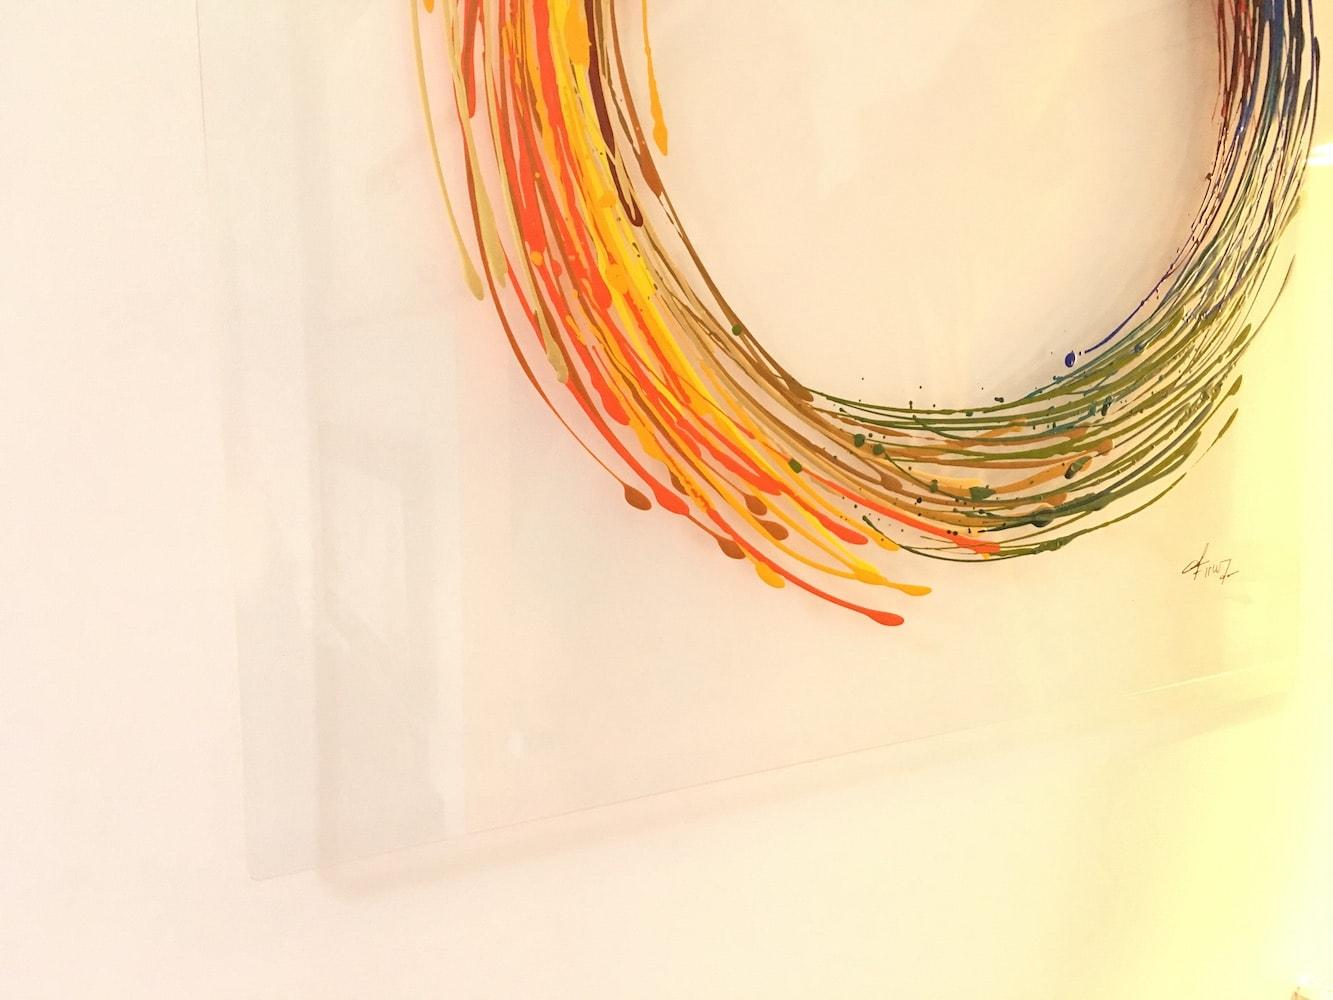 Plexiglas de Fabienne Brever